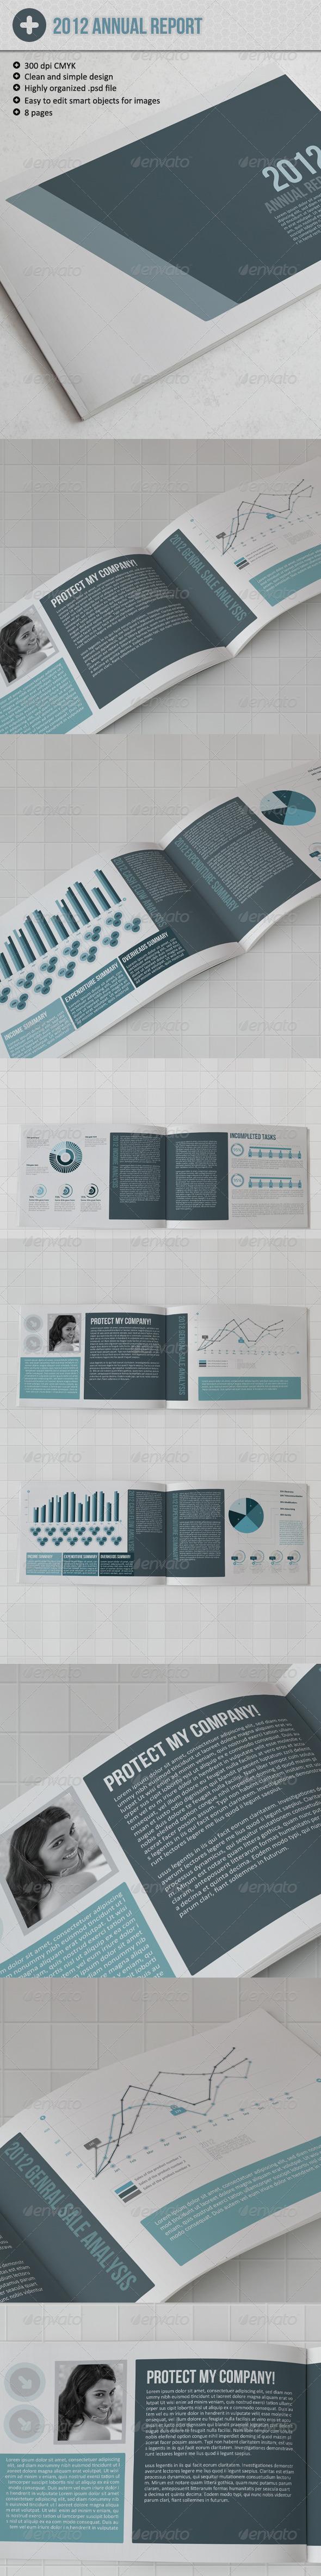 Infographic Brochure Template   - Corporate Brochures